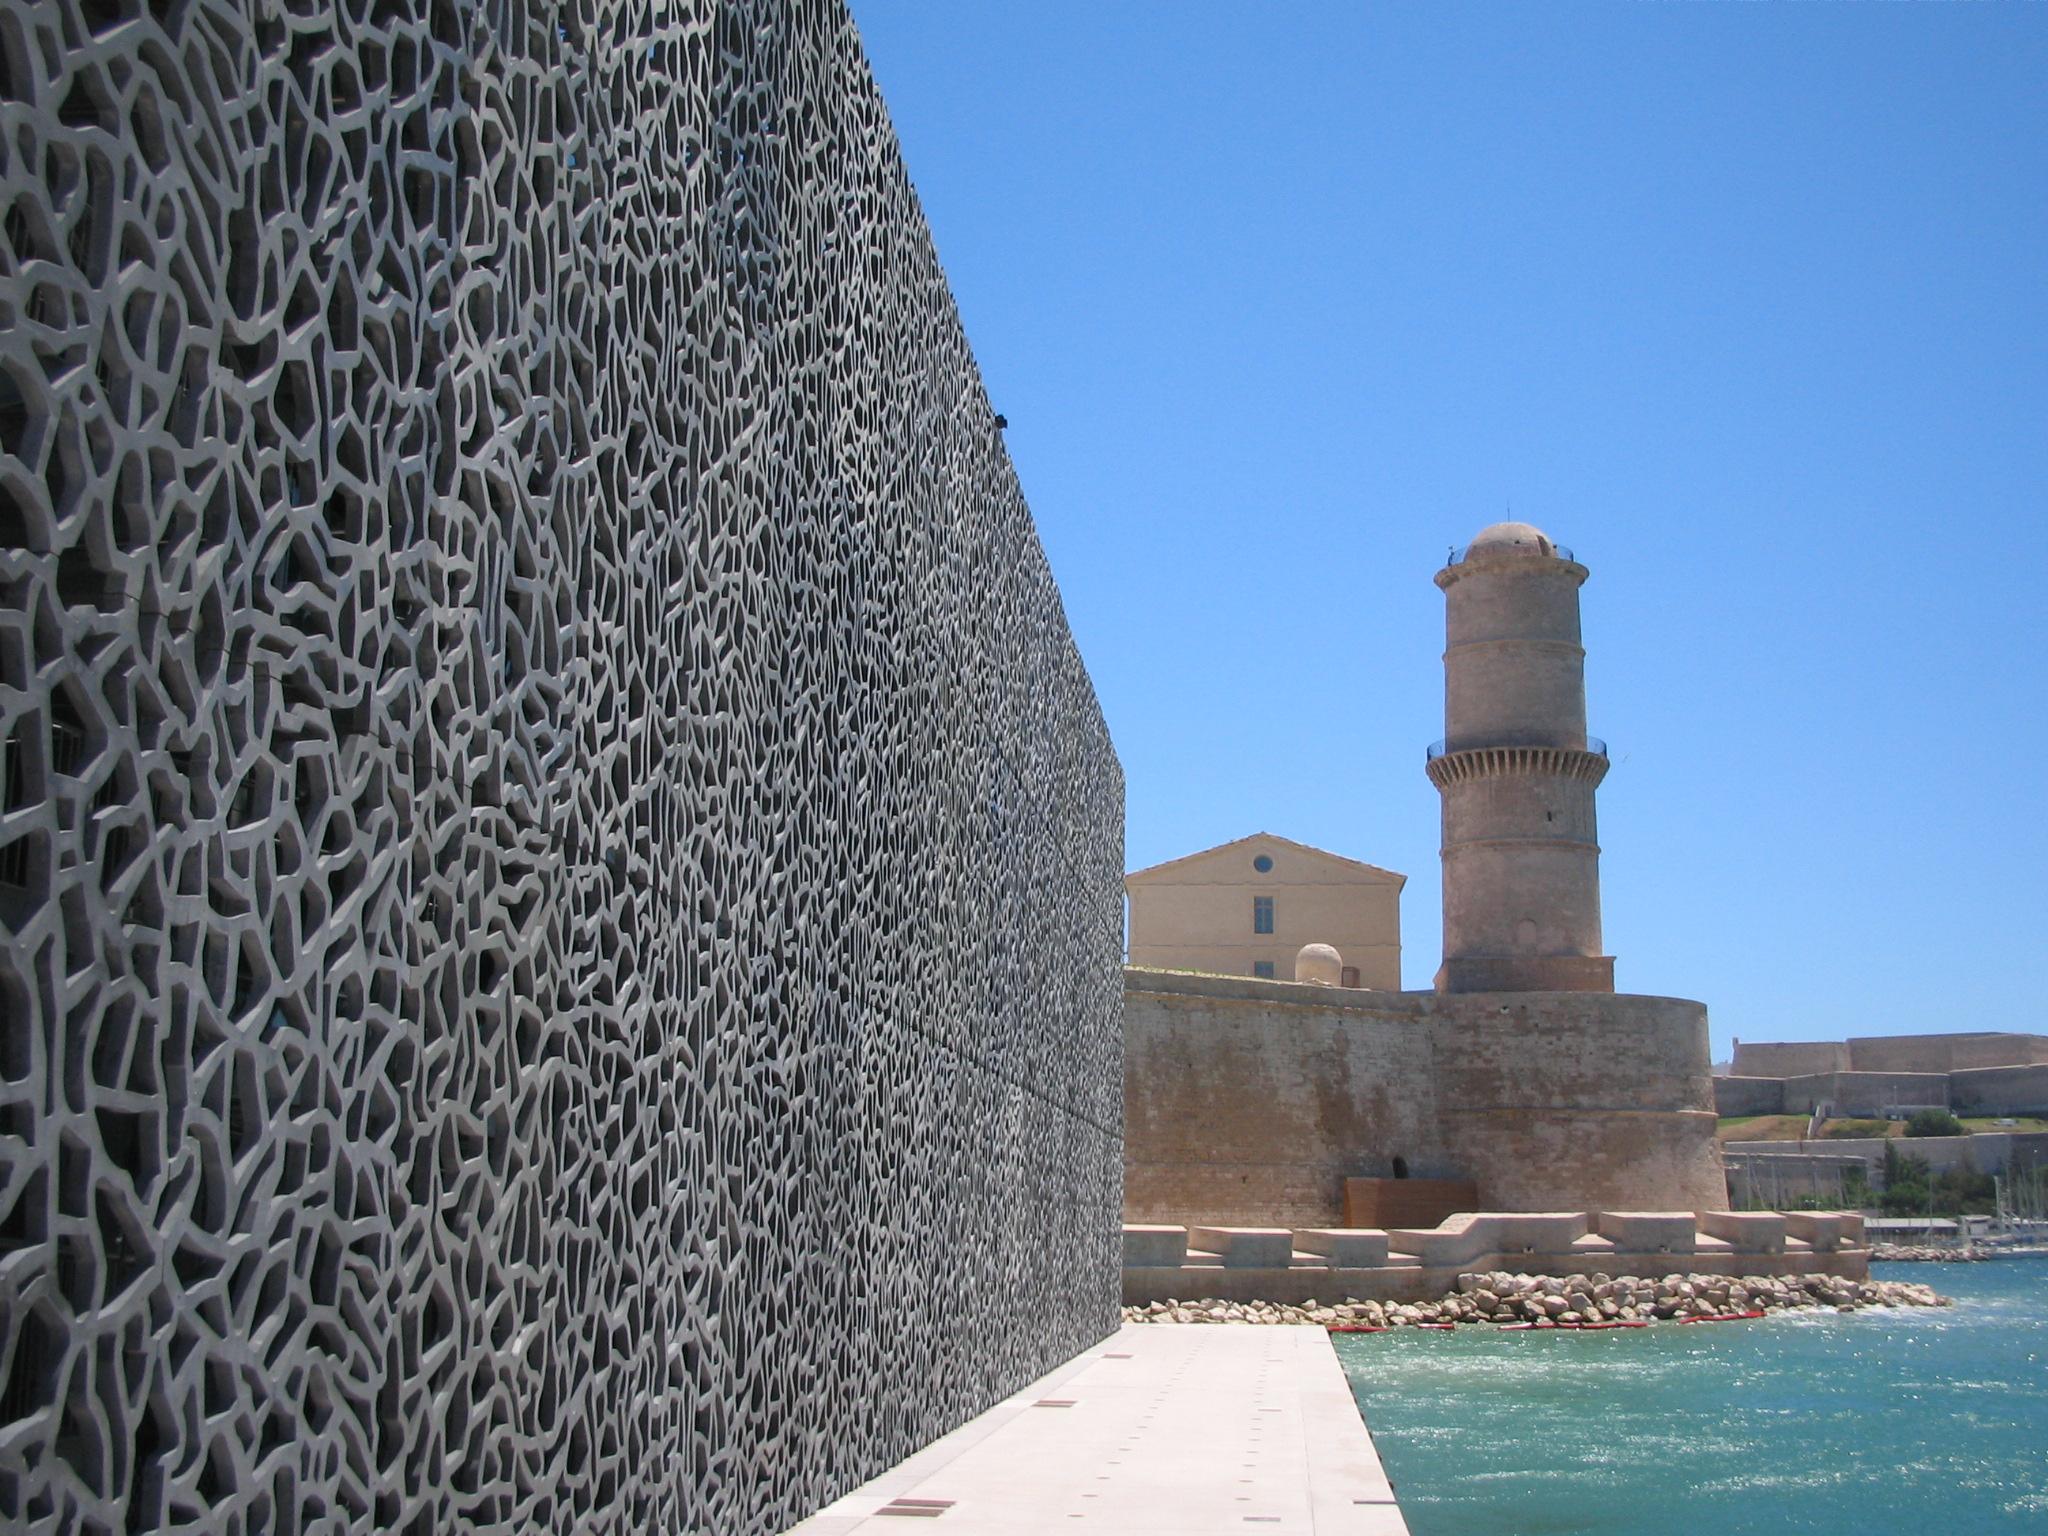 MuCEM (Musée des Civilisations de l'Europe et de la Méditerranée) - Marseille